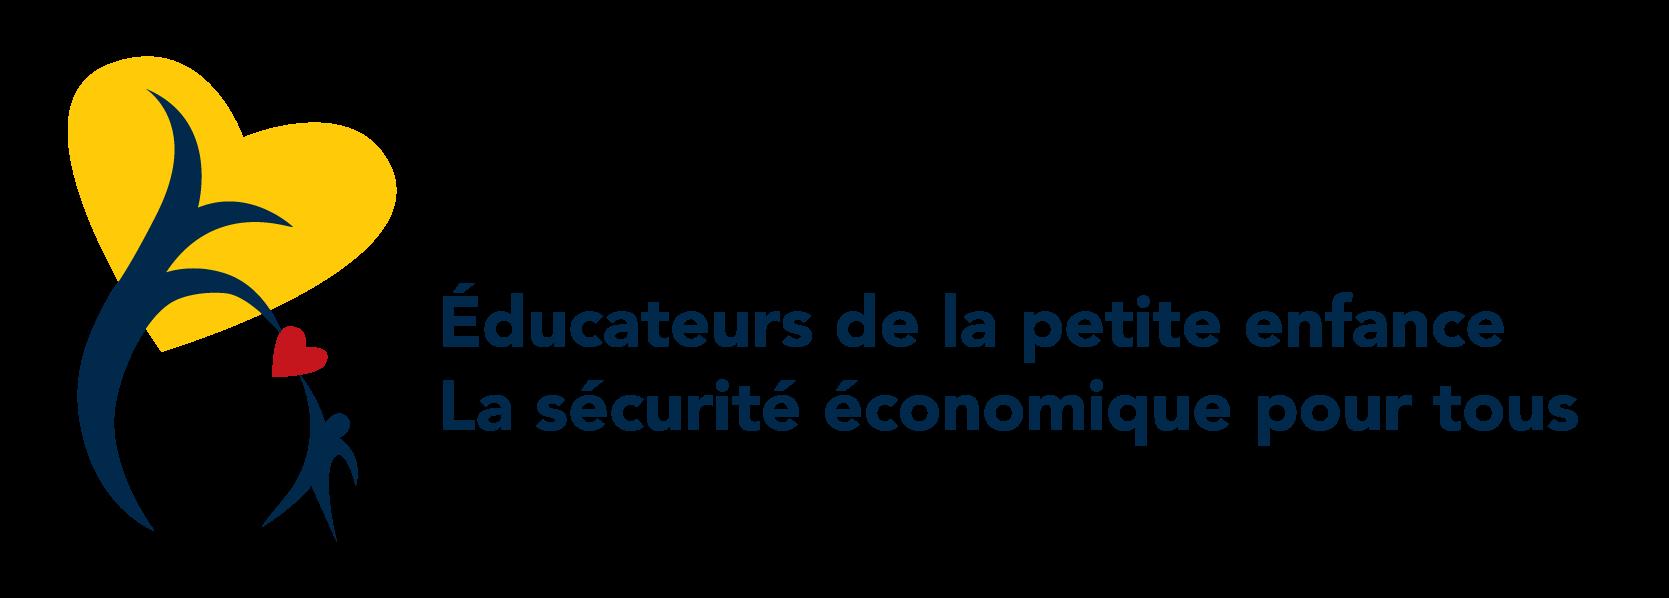 La sécurité économique pour tous